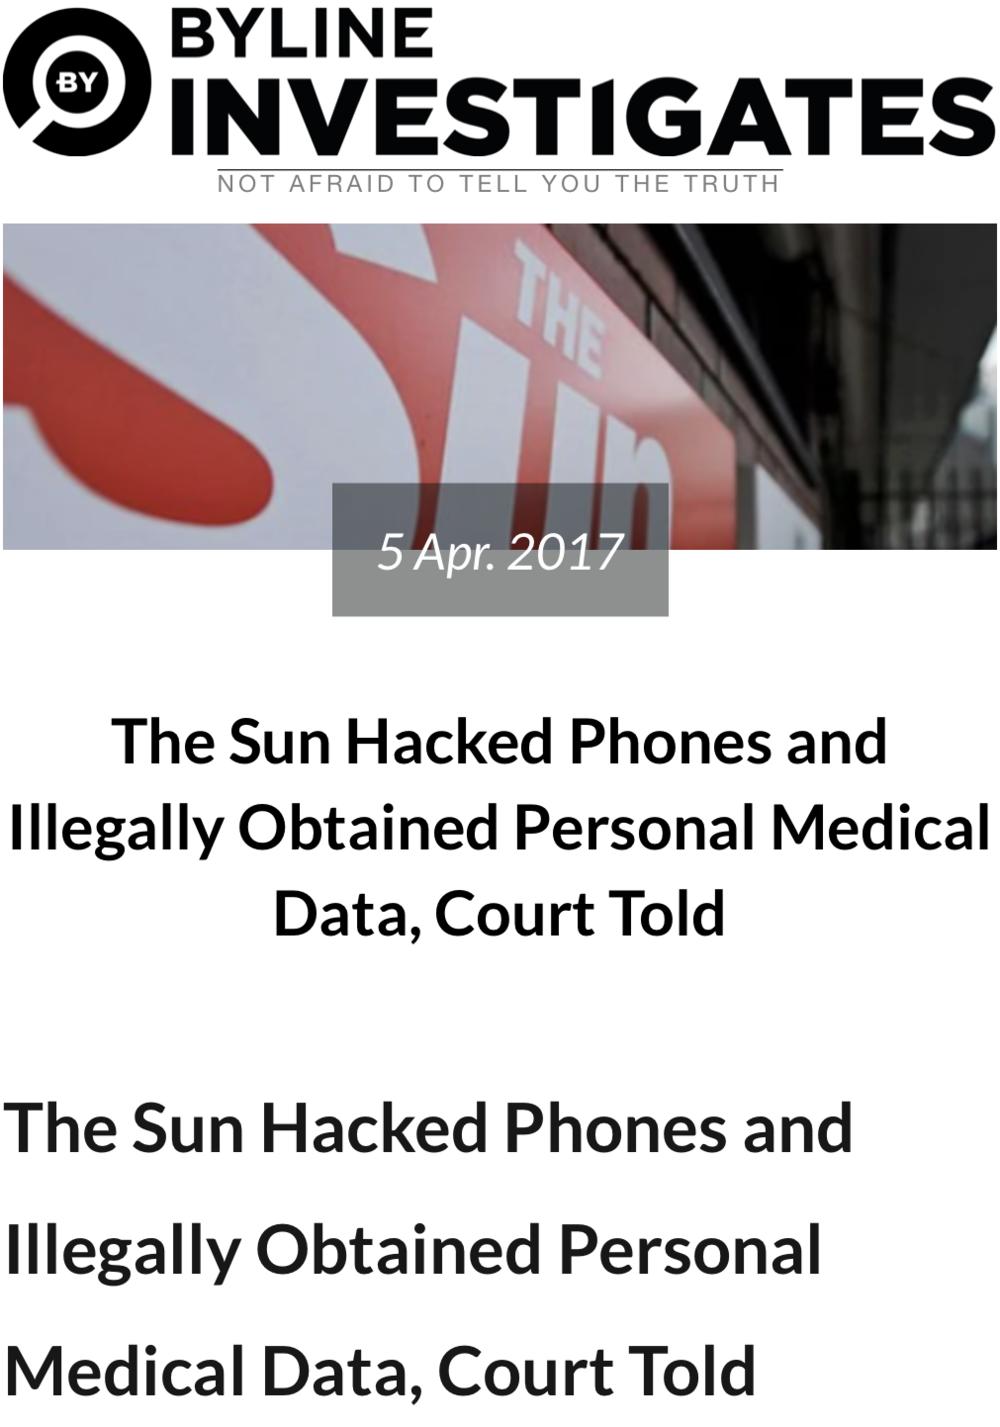 Screenshot 2019-10-07 at 16.40.07.png